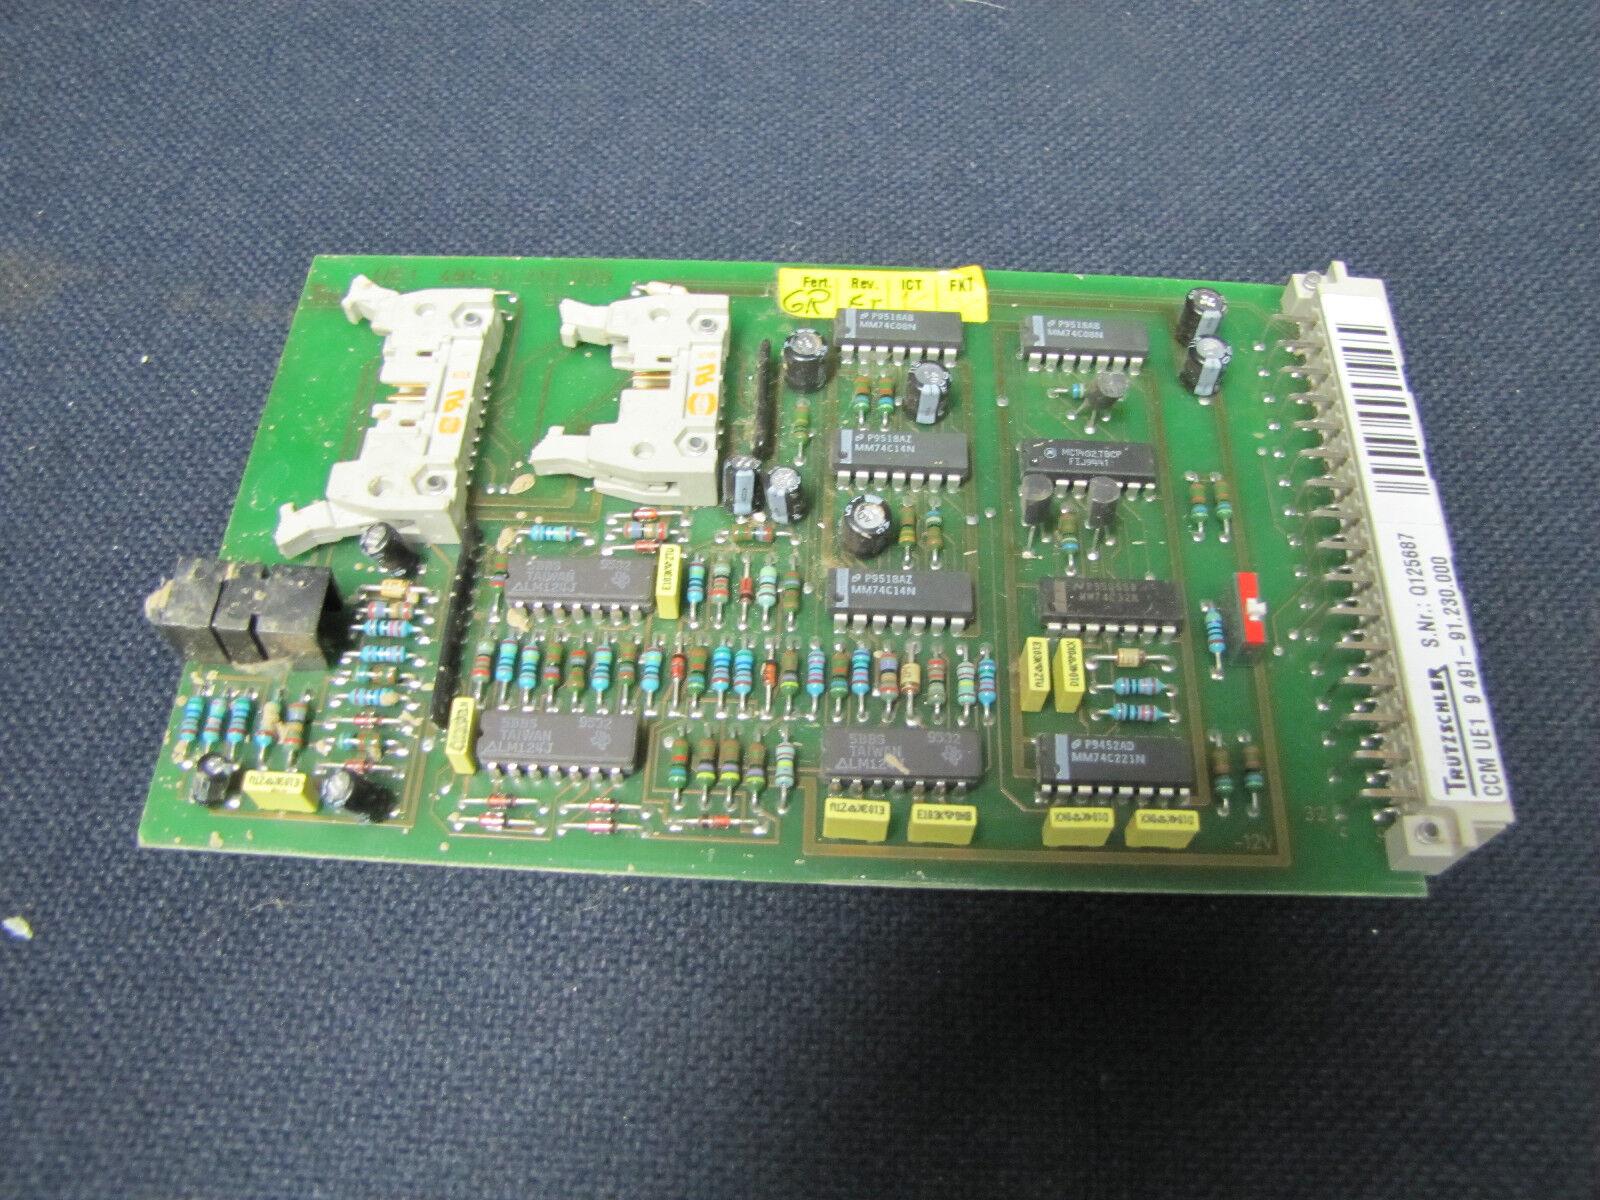 TRUTZSCHLER CIRCUIT BOARD CARD PLC MODULE CCM-UE1 CCMUE1 9 491-91.230.000